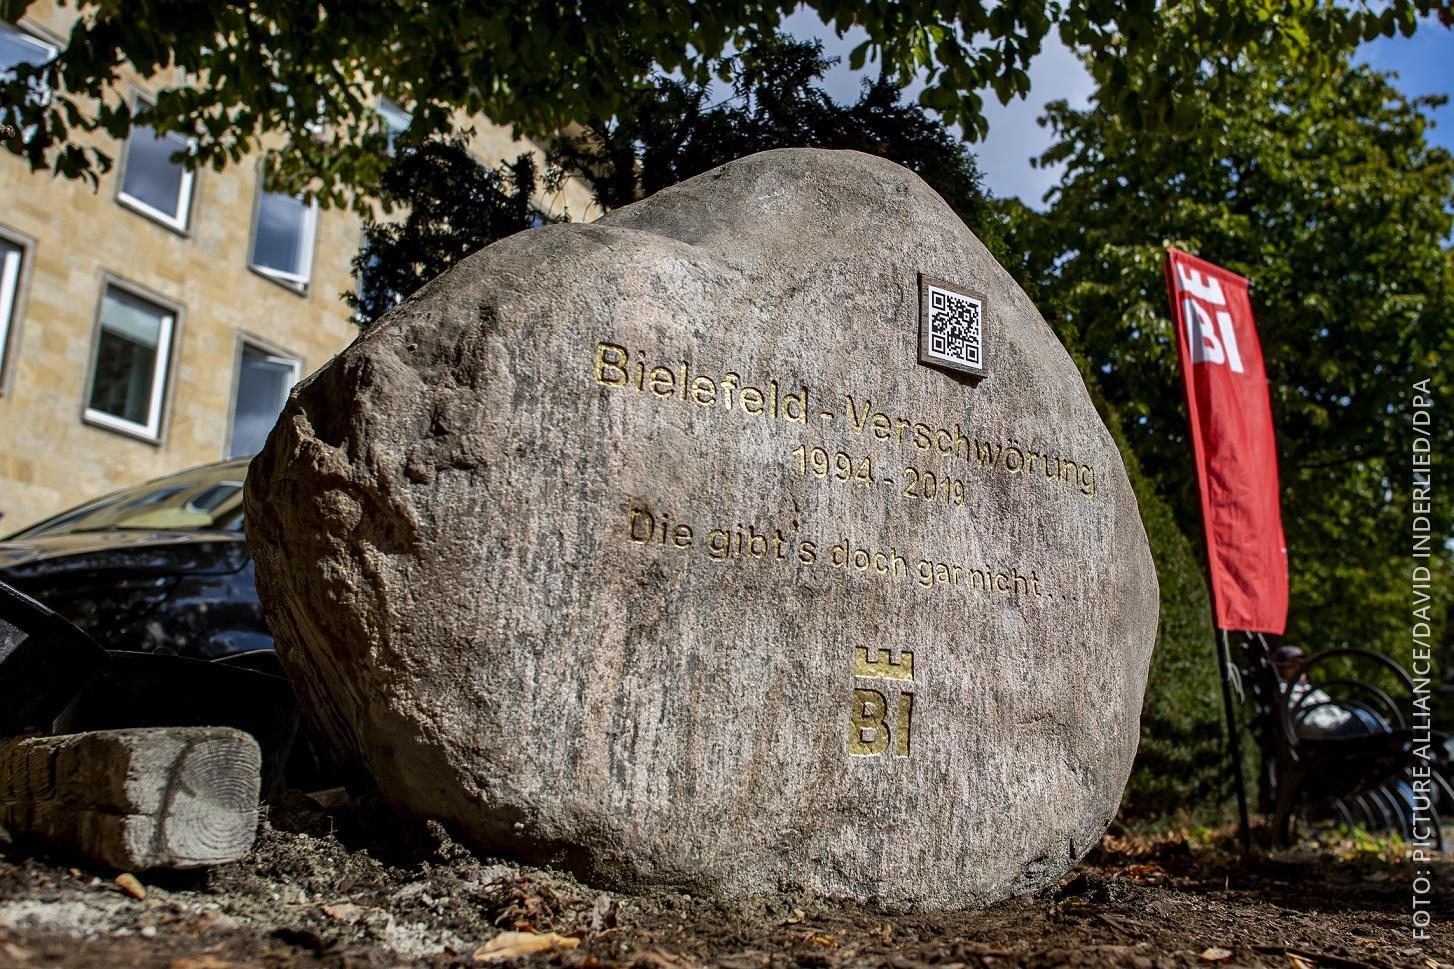 Bild von Gedenkstein zum Ende der Bielefeld-Verschwörung.